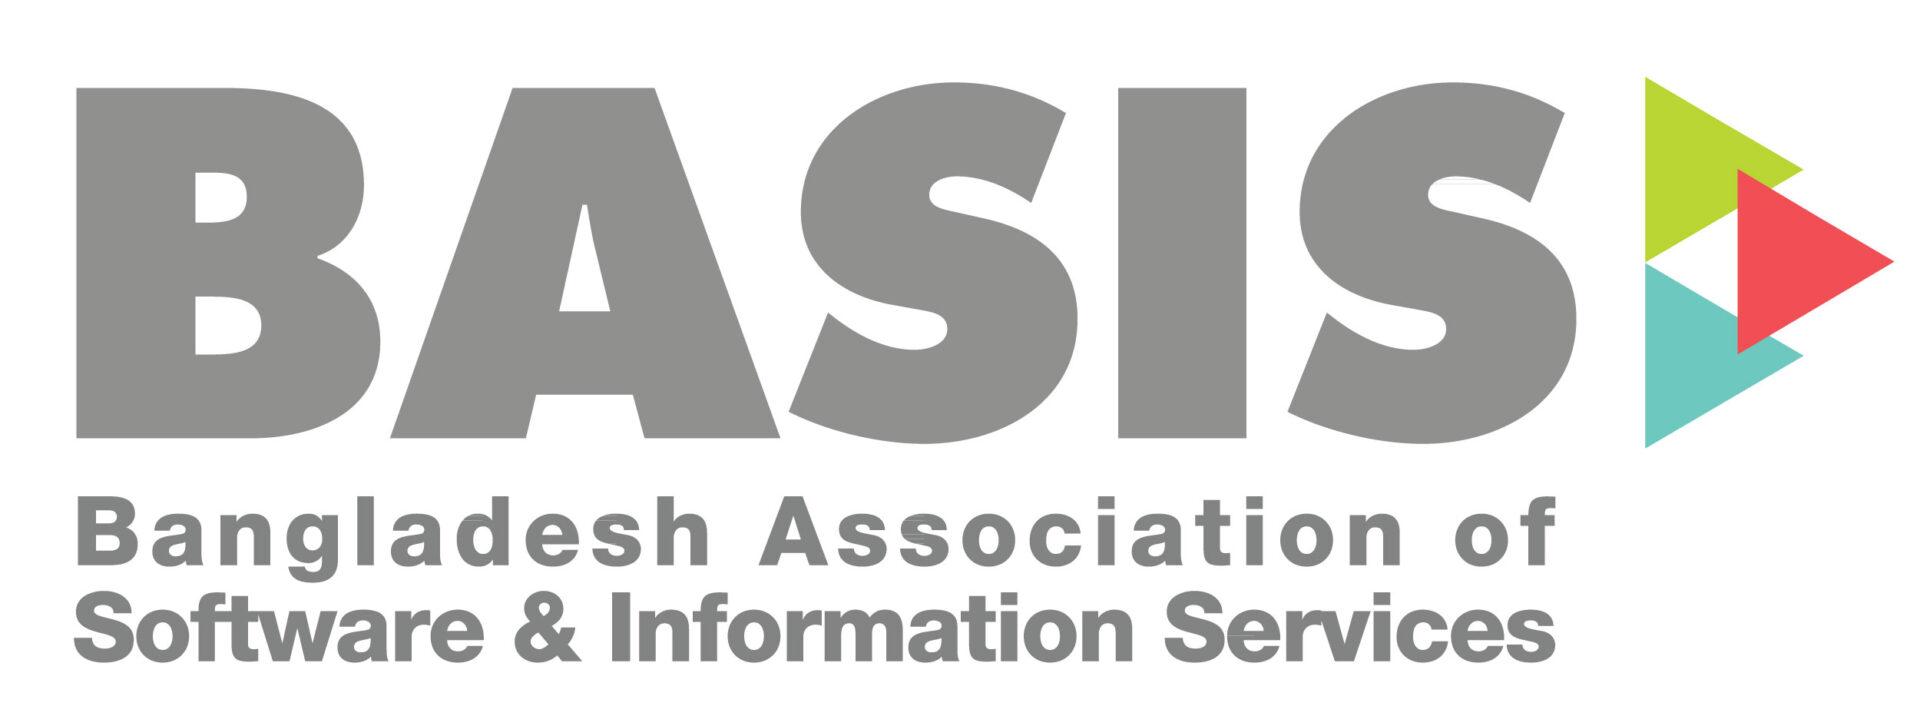 basis new logo তথ্য প্রযুক্তি ট্রেড বডি- বেসিস (BASIS) এর নির্বাচন ও কিছু পুরানো প্রশ্ন